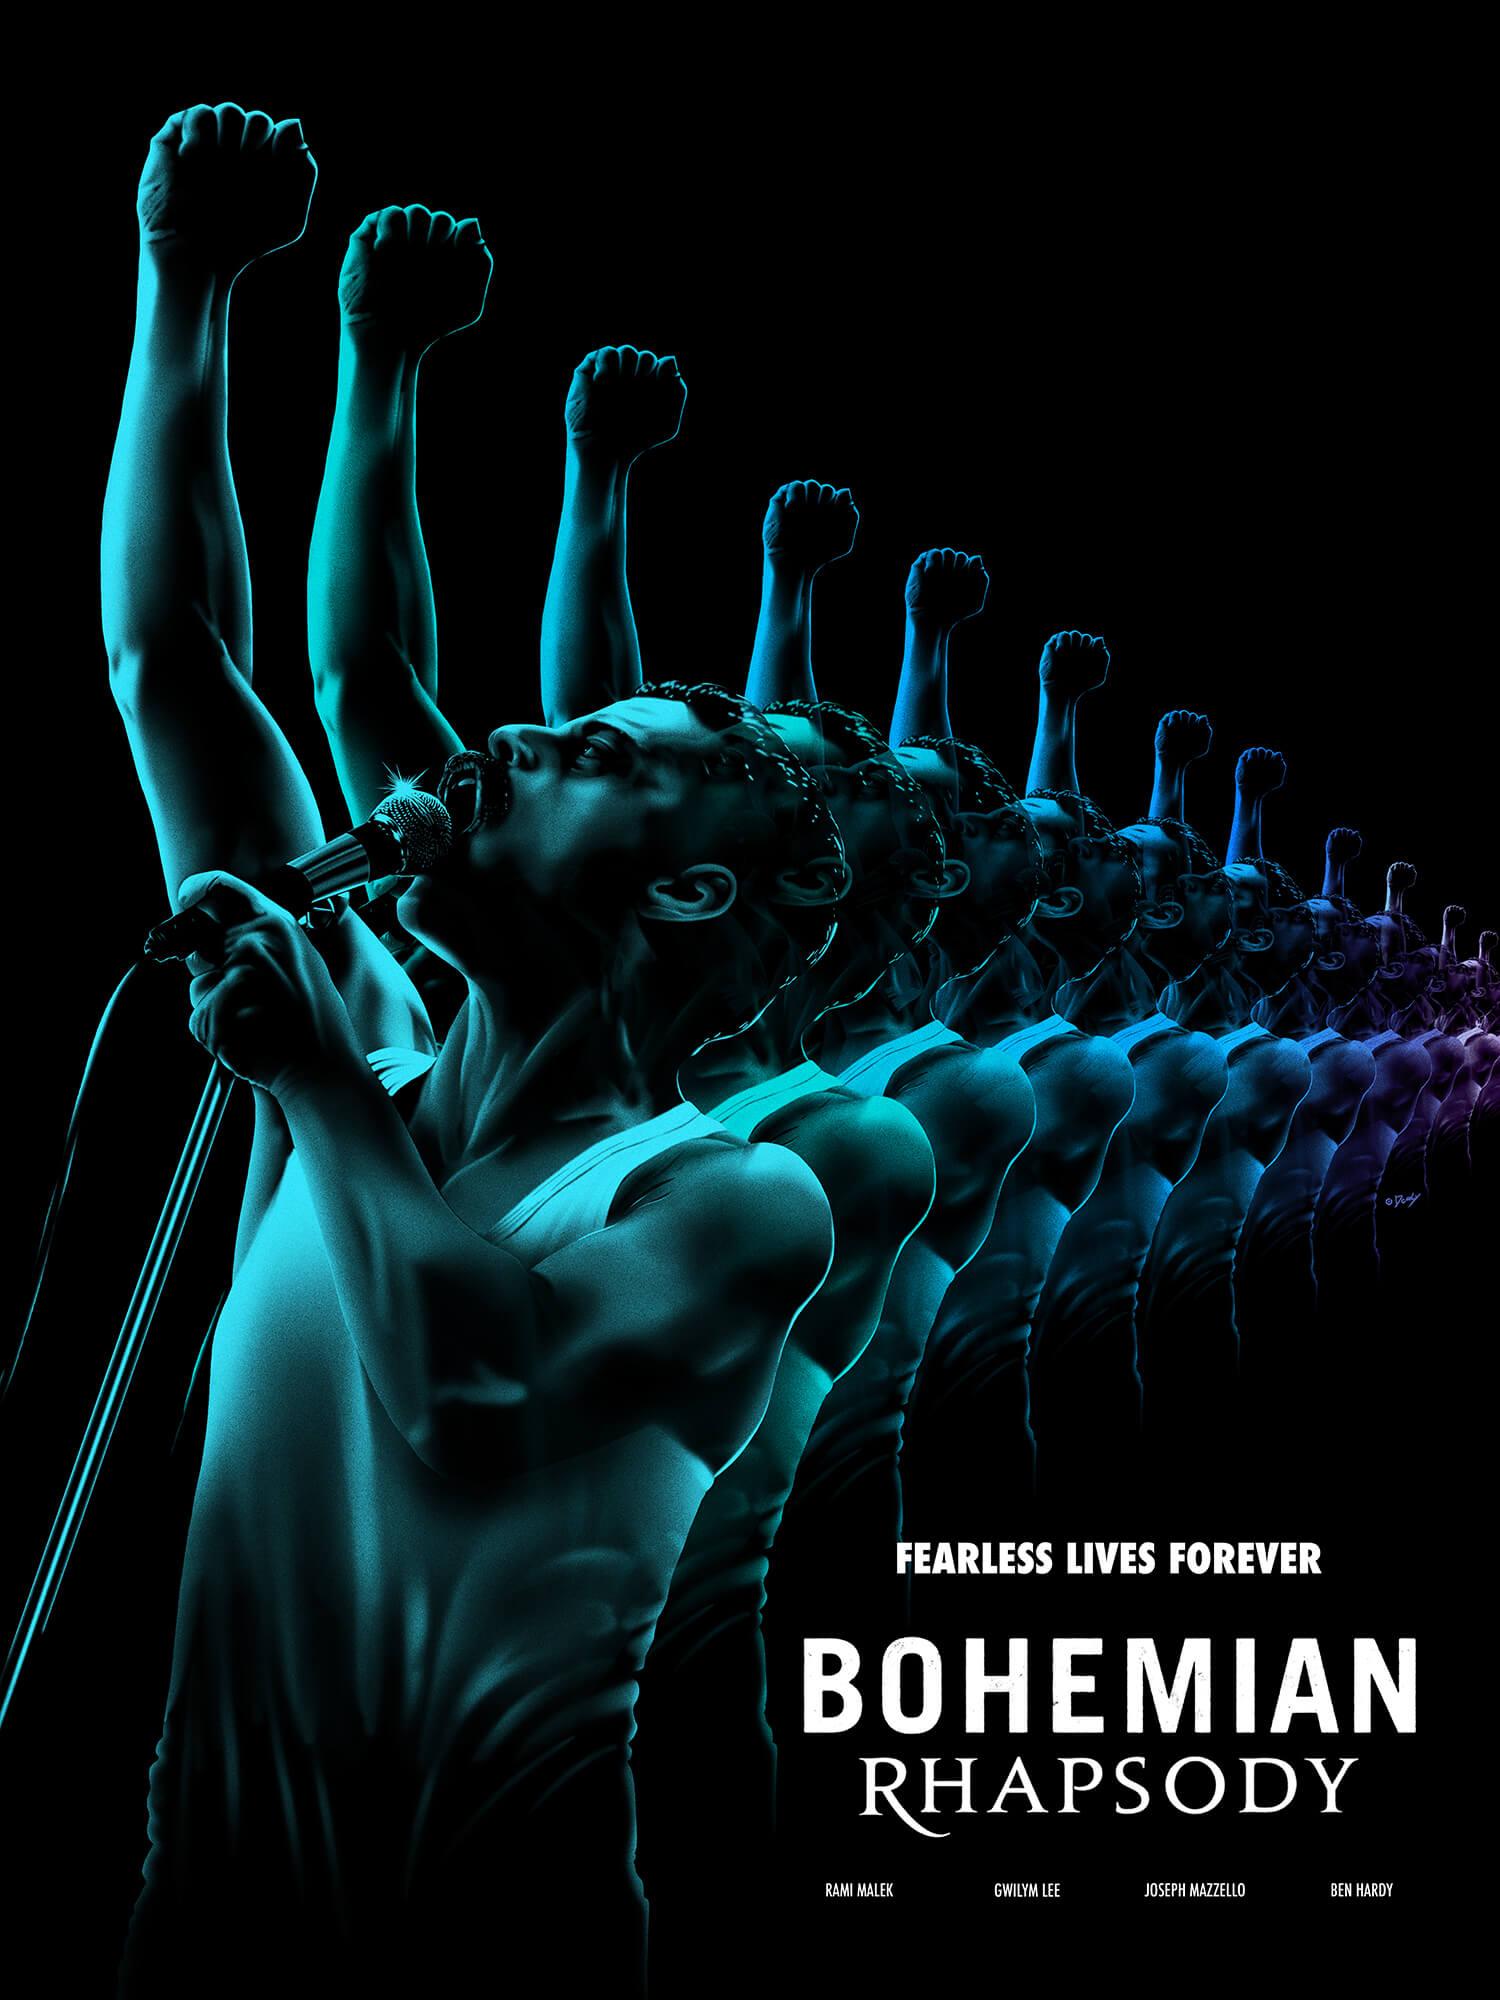 Bohemian Rhapsody Doaly